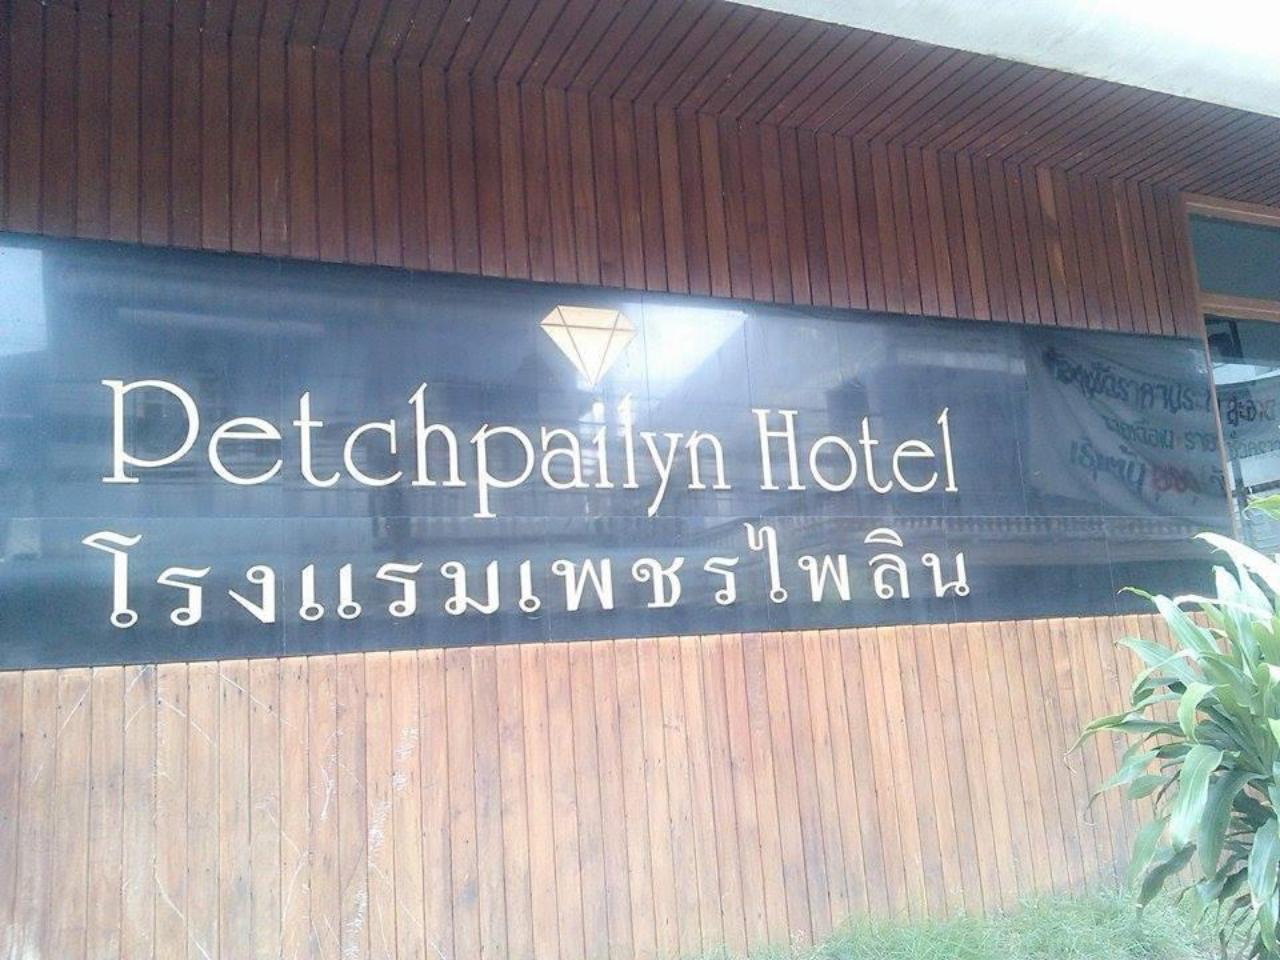 โรงแรมเพชรไพลิน (Petchpailyn Hotel)